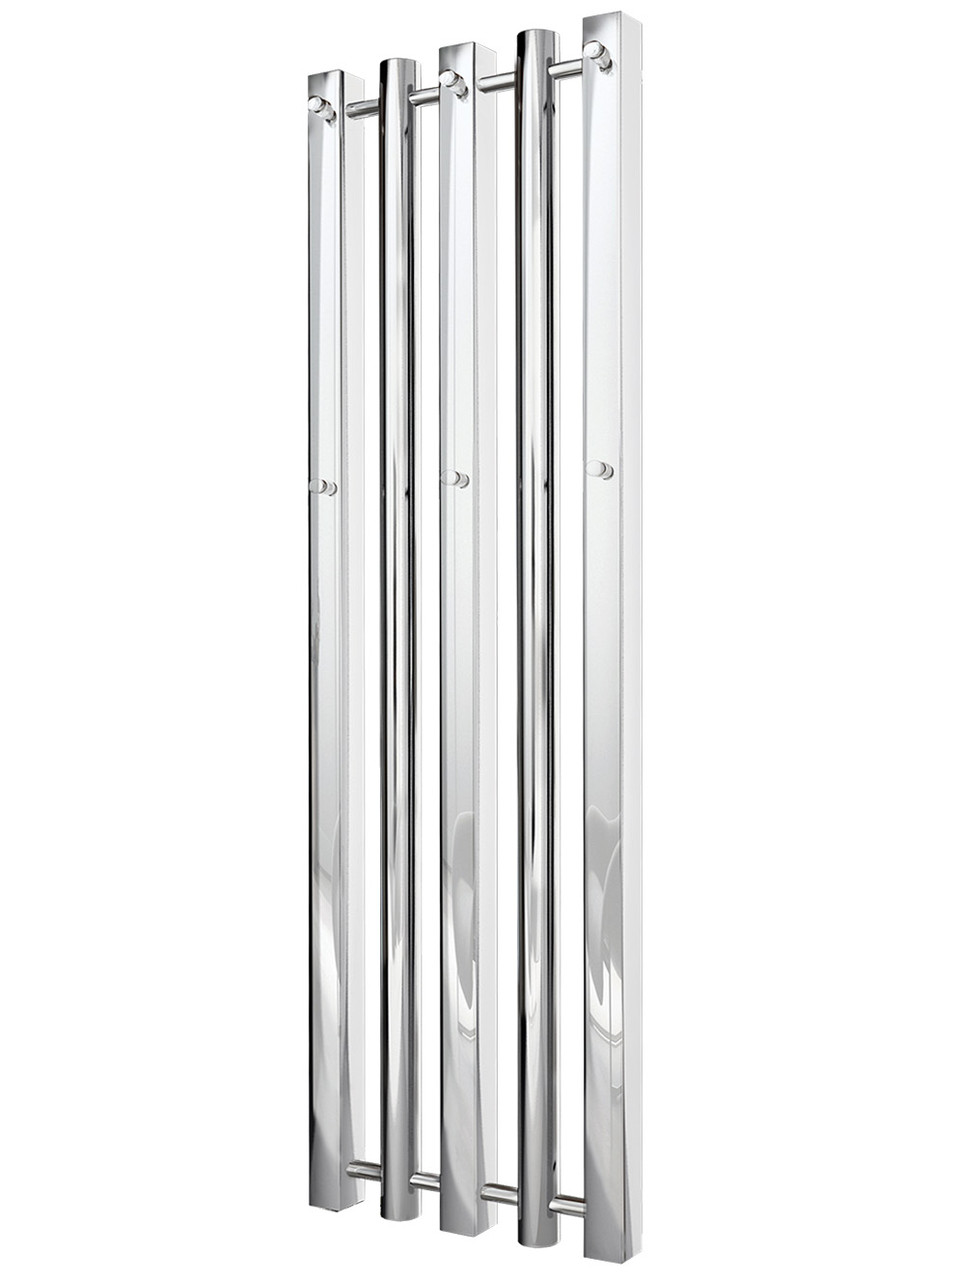 Марио Водяной полотенцесушитель Битуб 1500x360/320